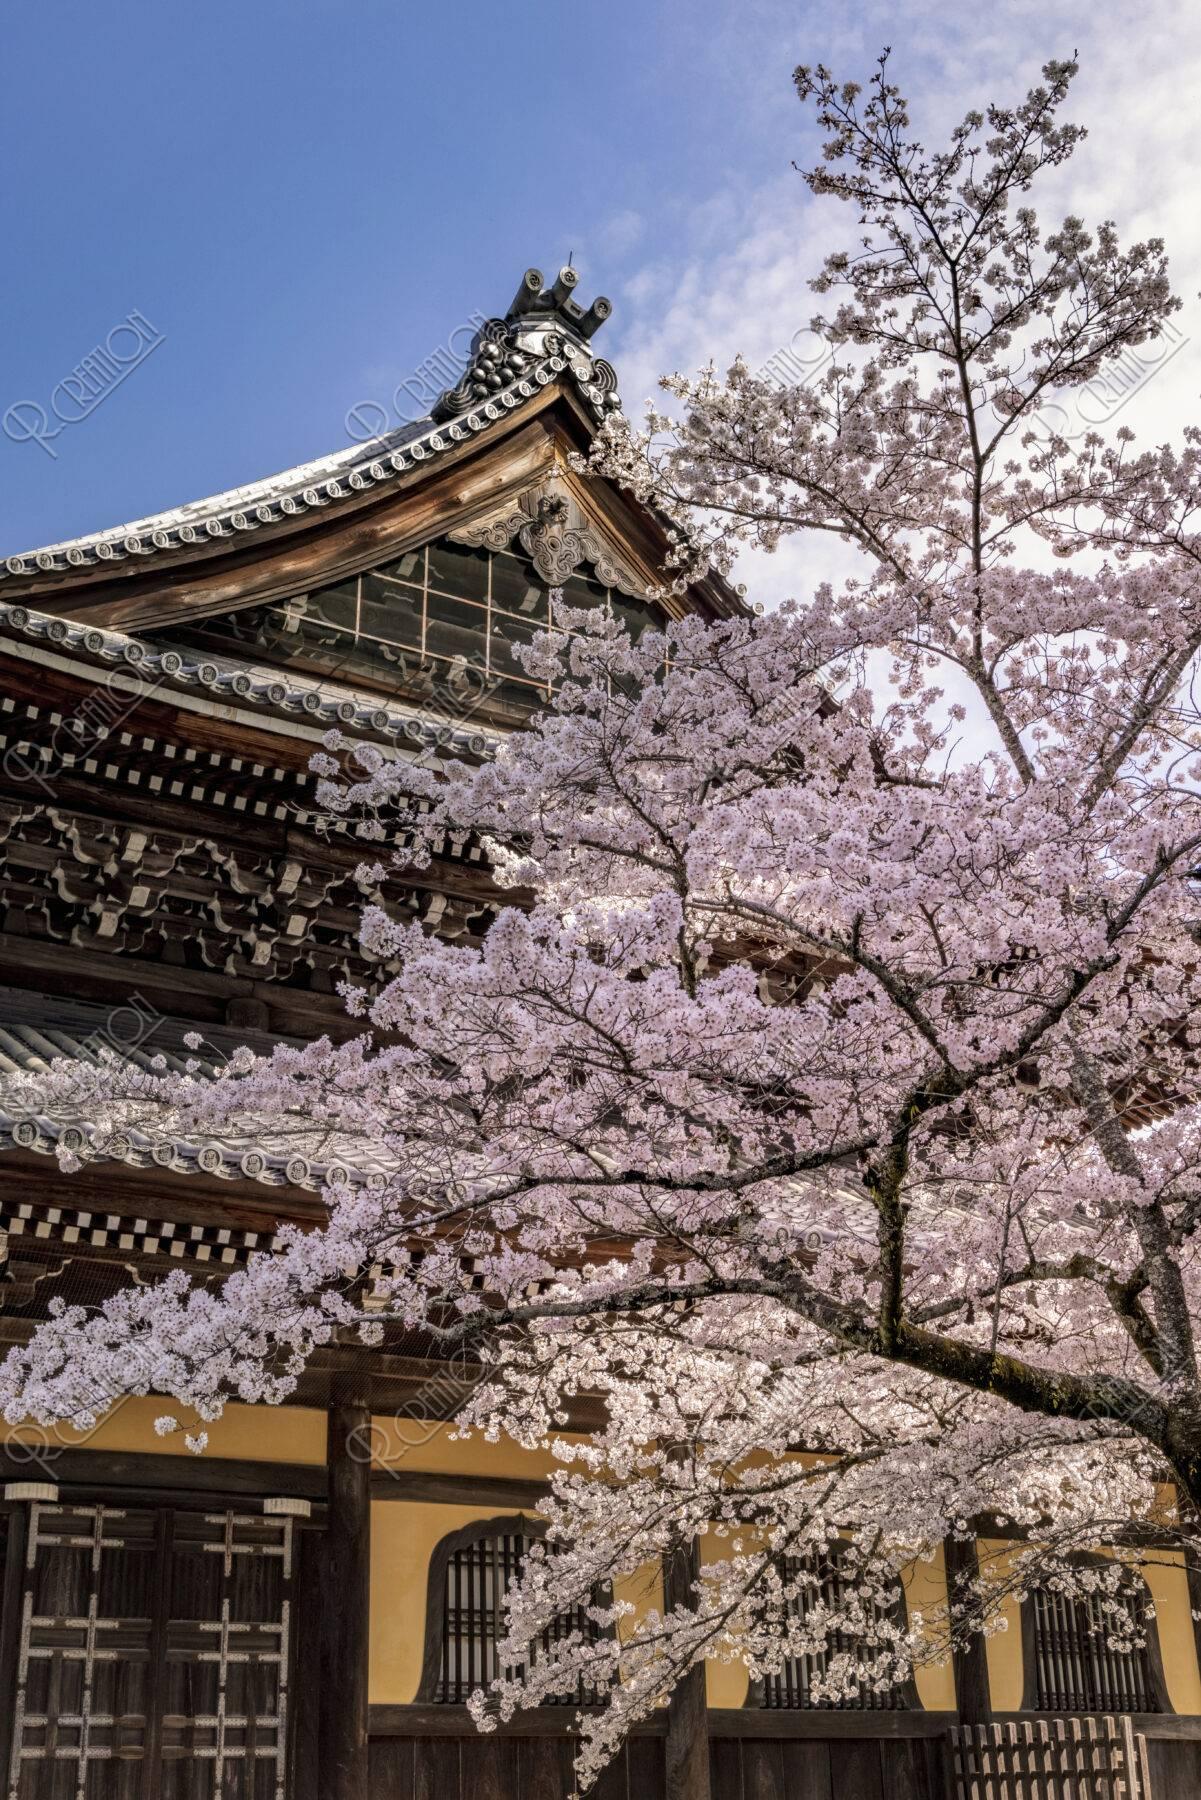 南禅寺 桜と法堂